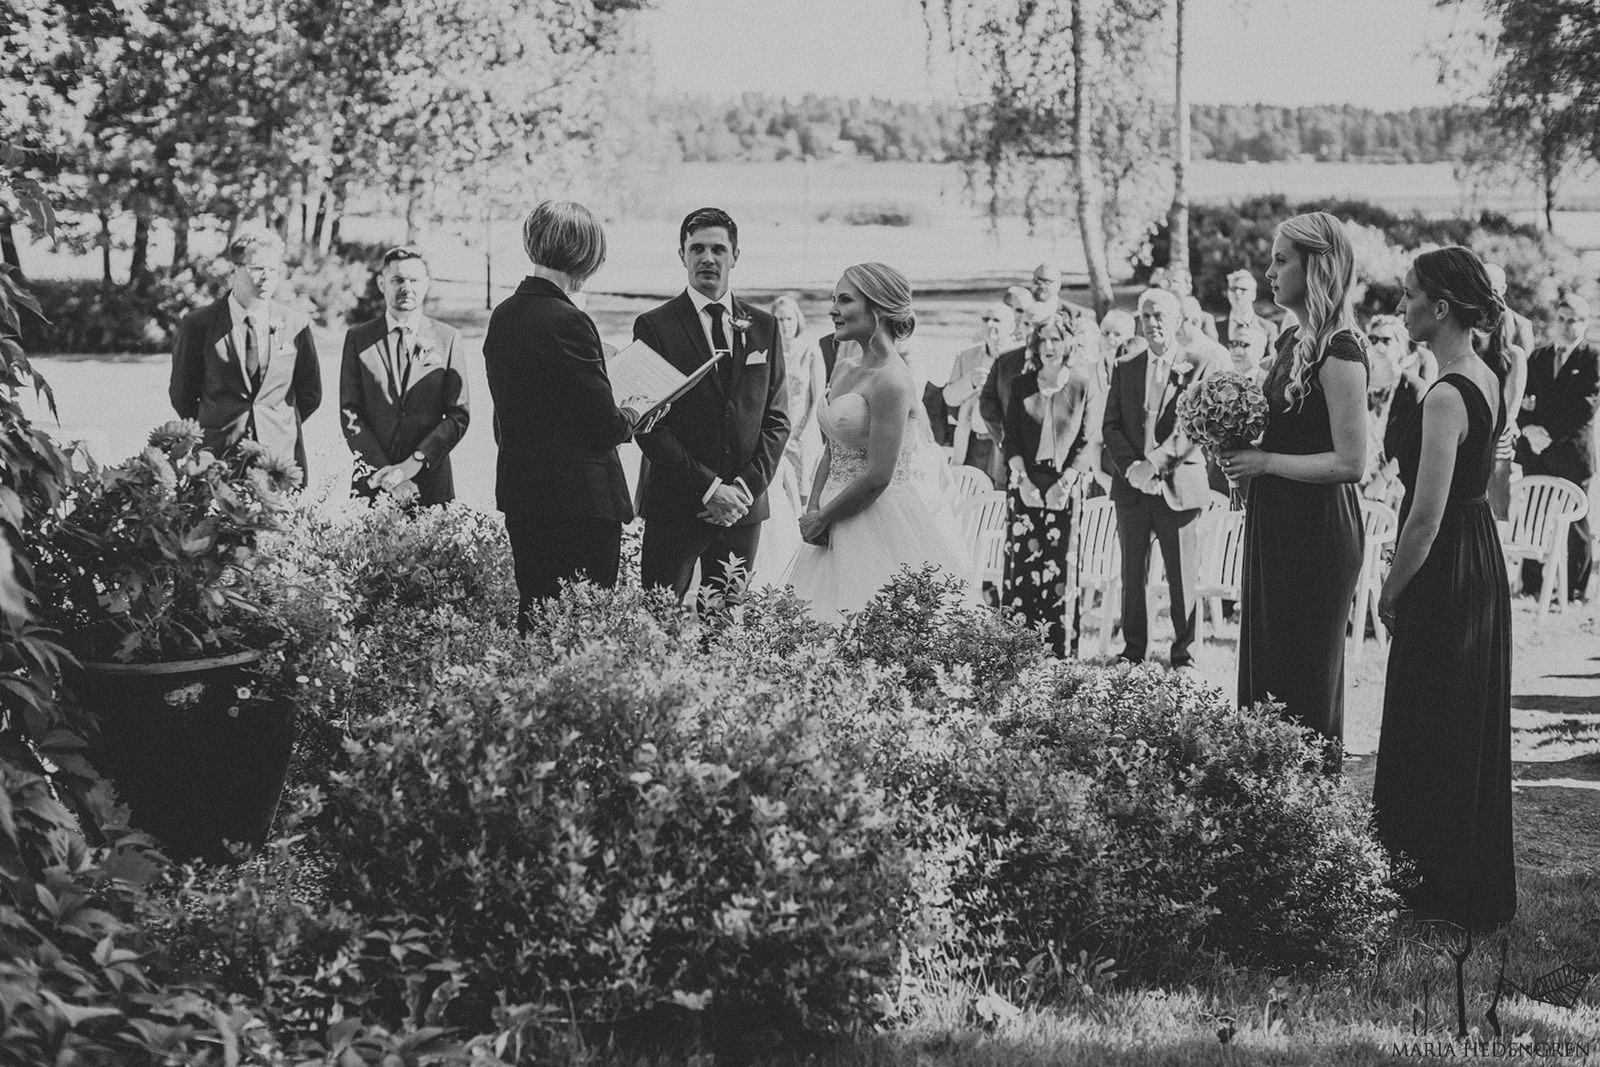 outdoor wedding in Finland